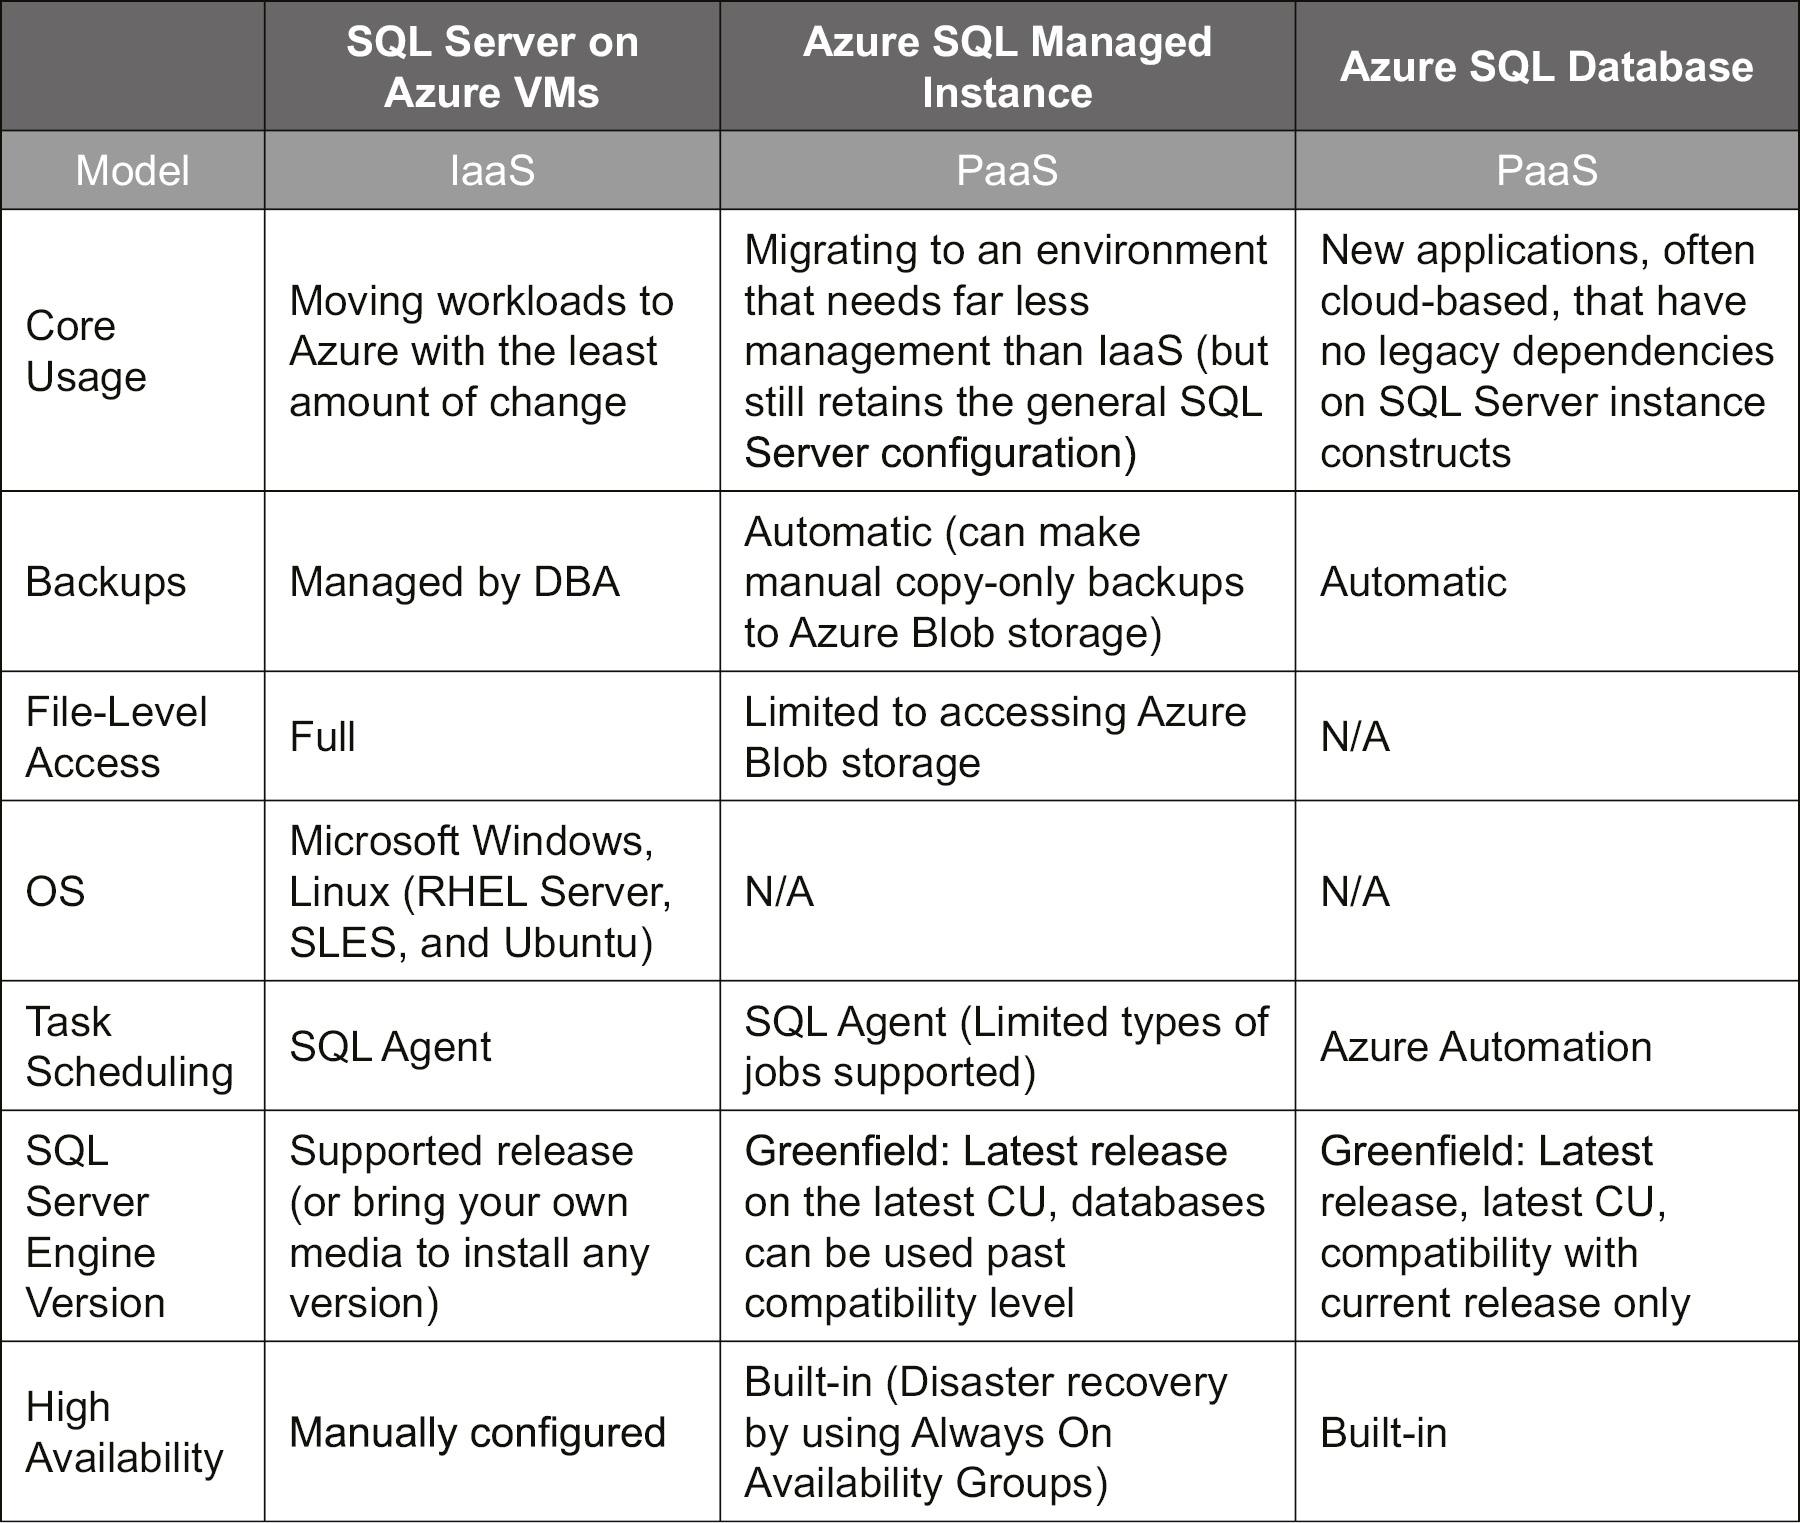 Key differences between SQL Server in an Azure VM, Azure SQL Database Managed Instance, and Azure SQL Database